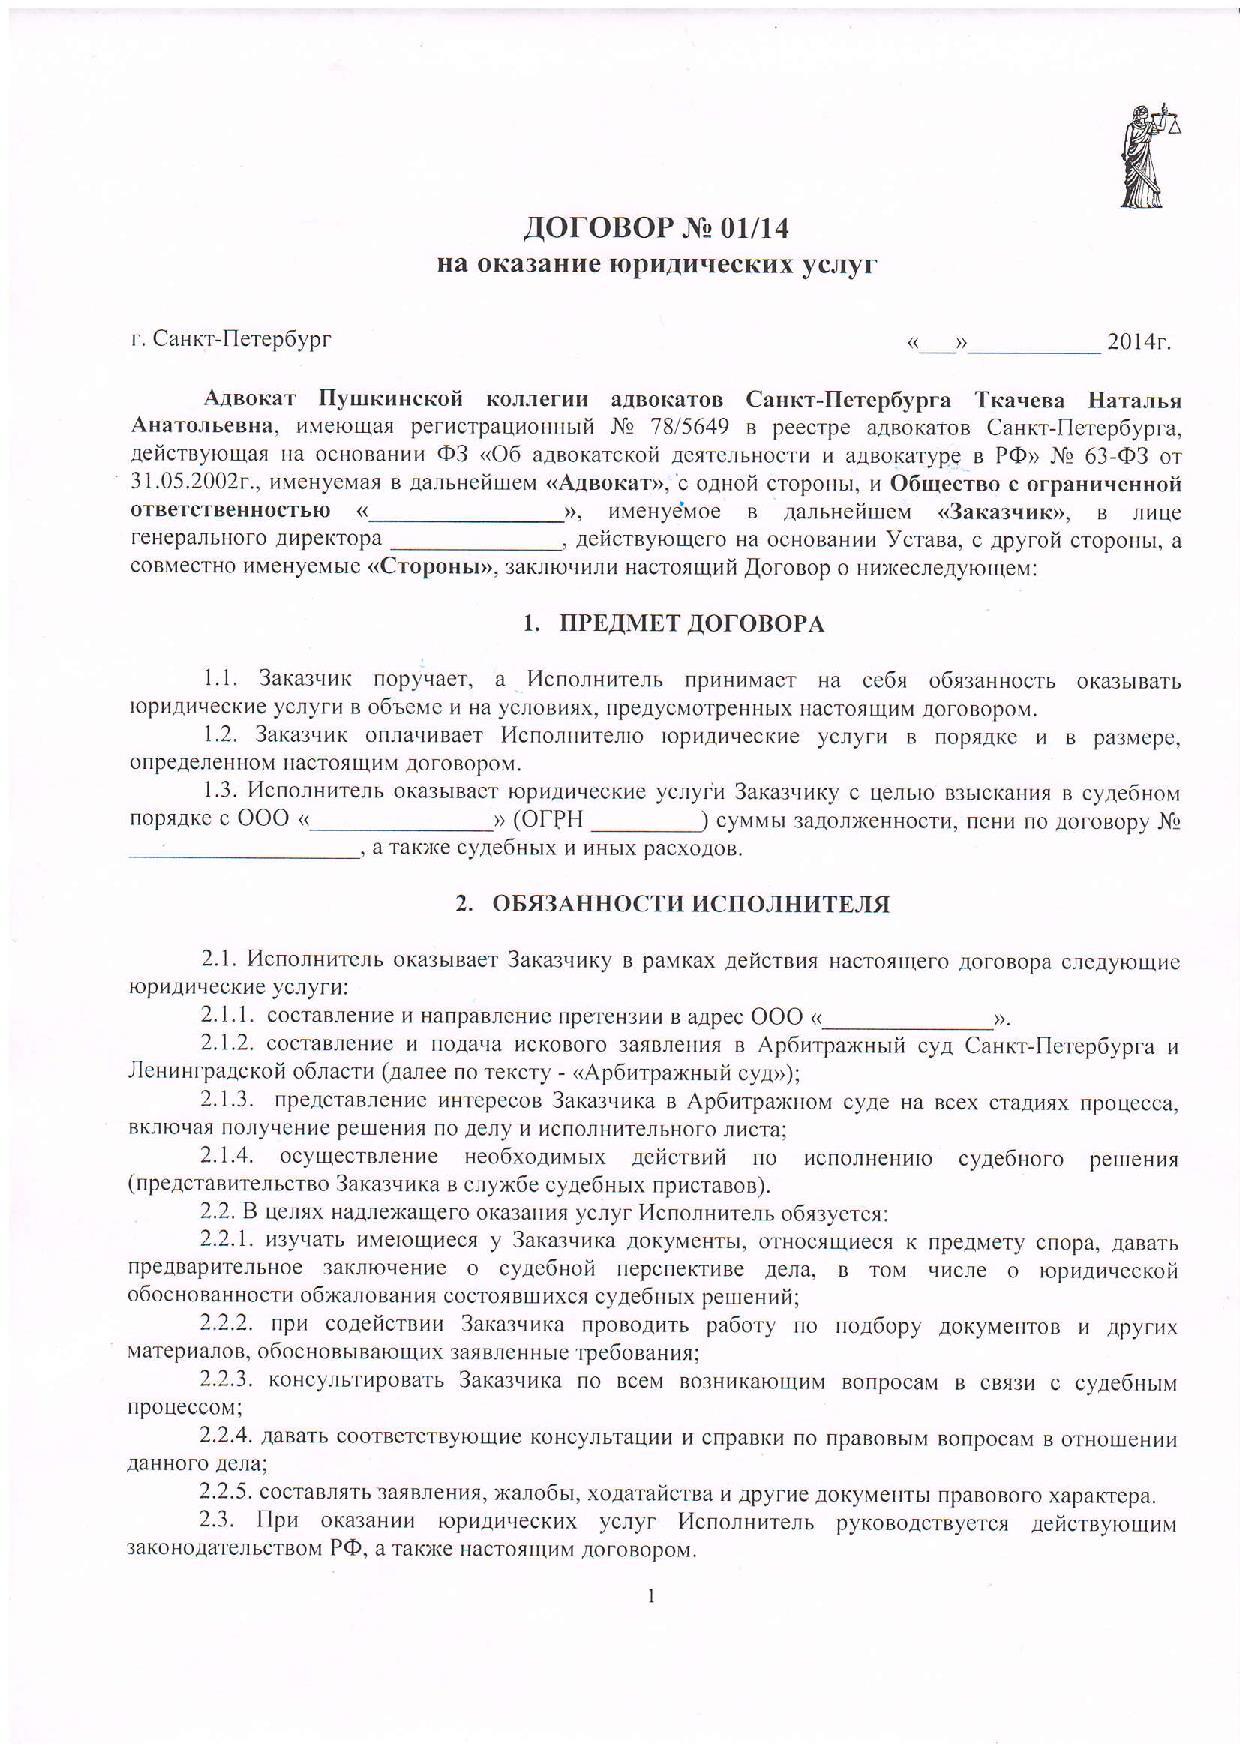 Соглашение на Оказание Юридических Услуг образец